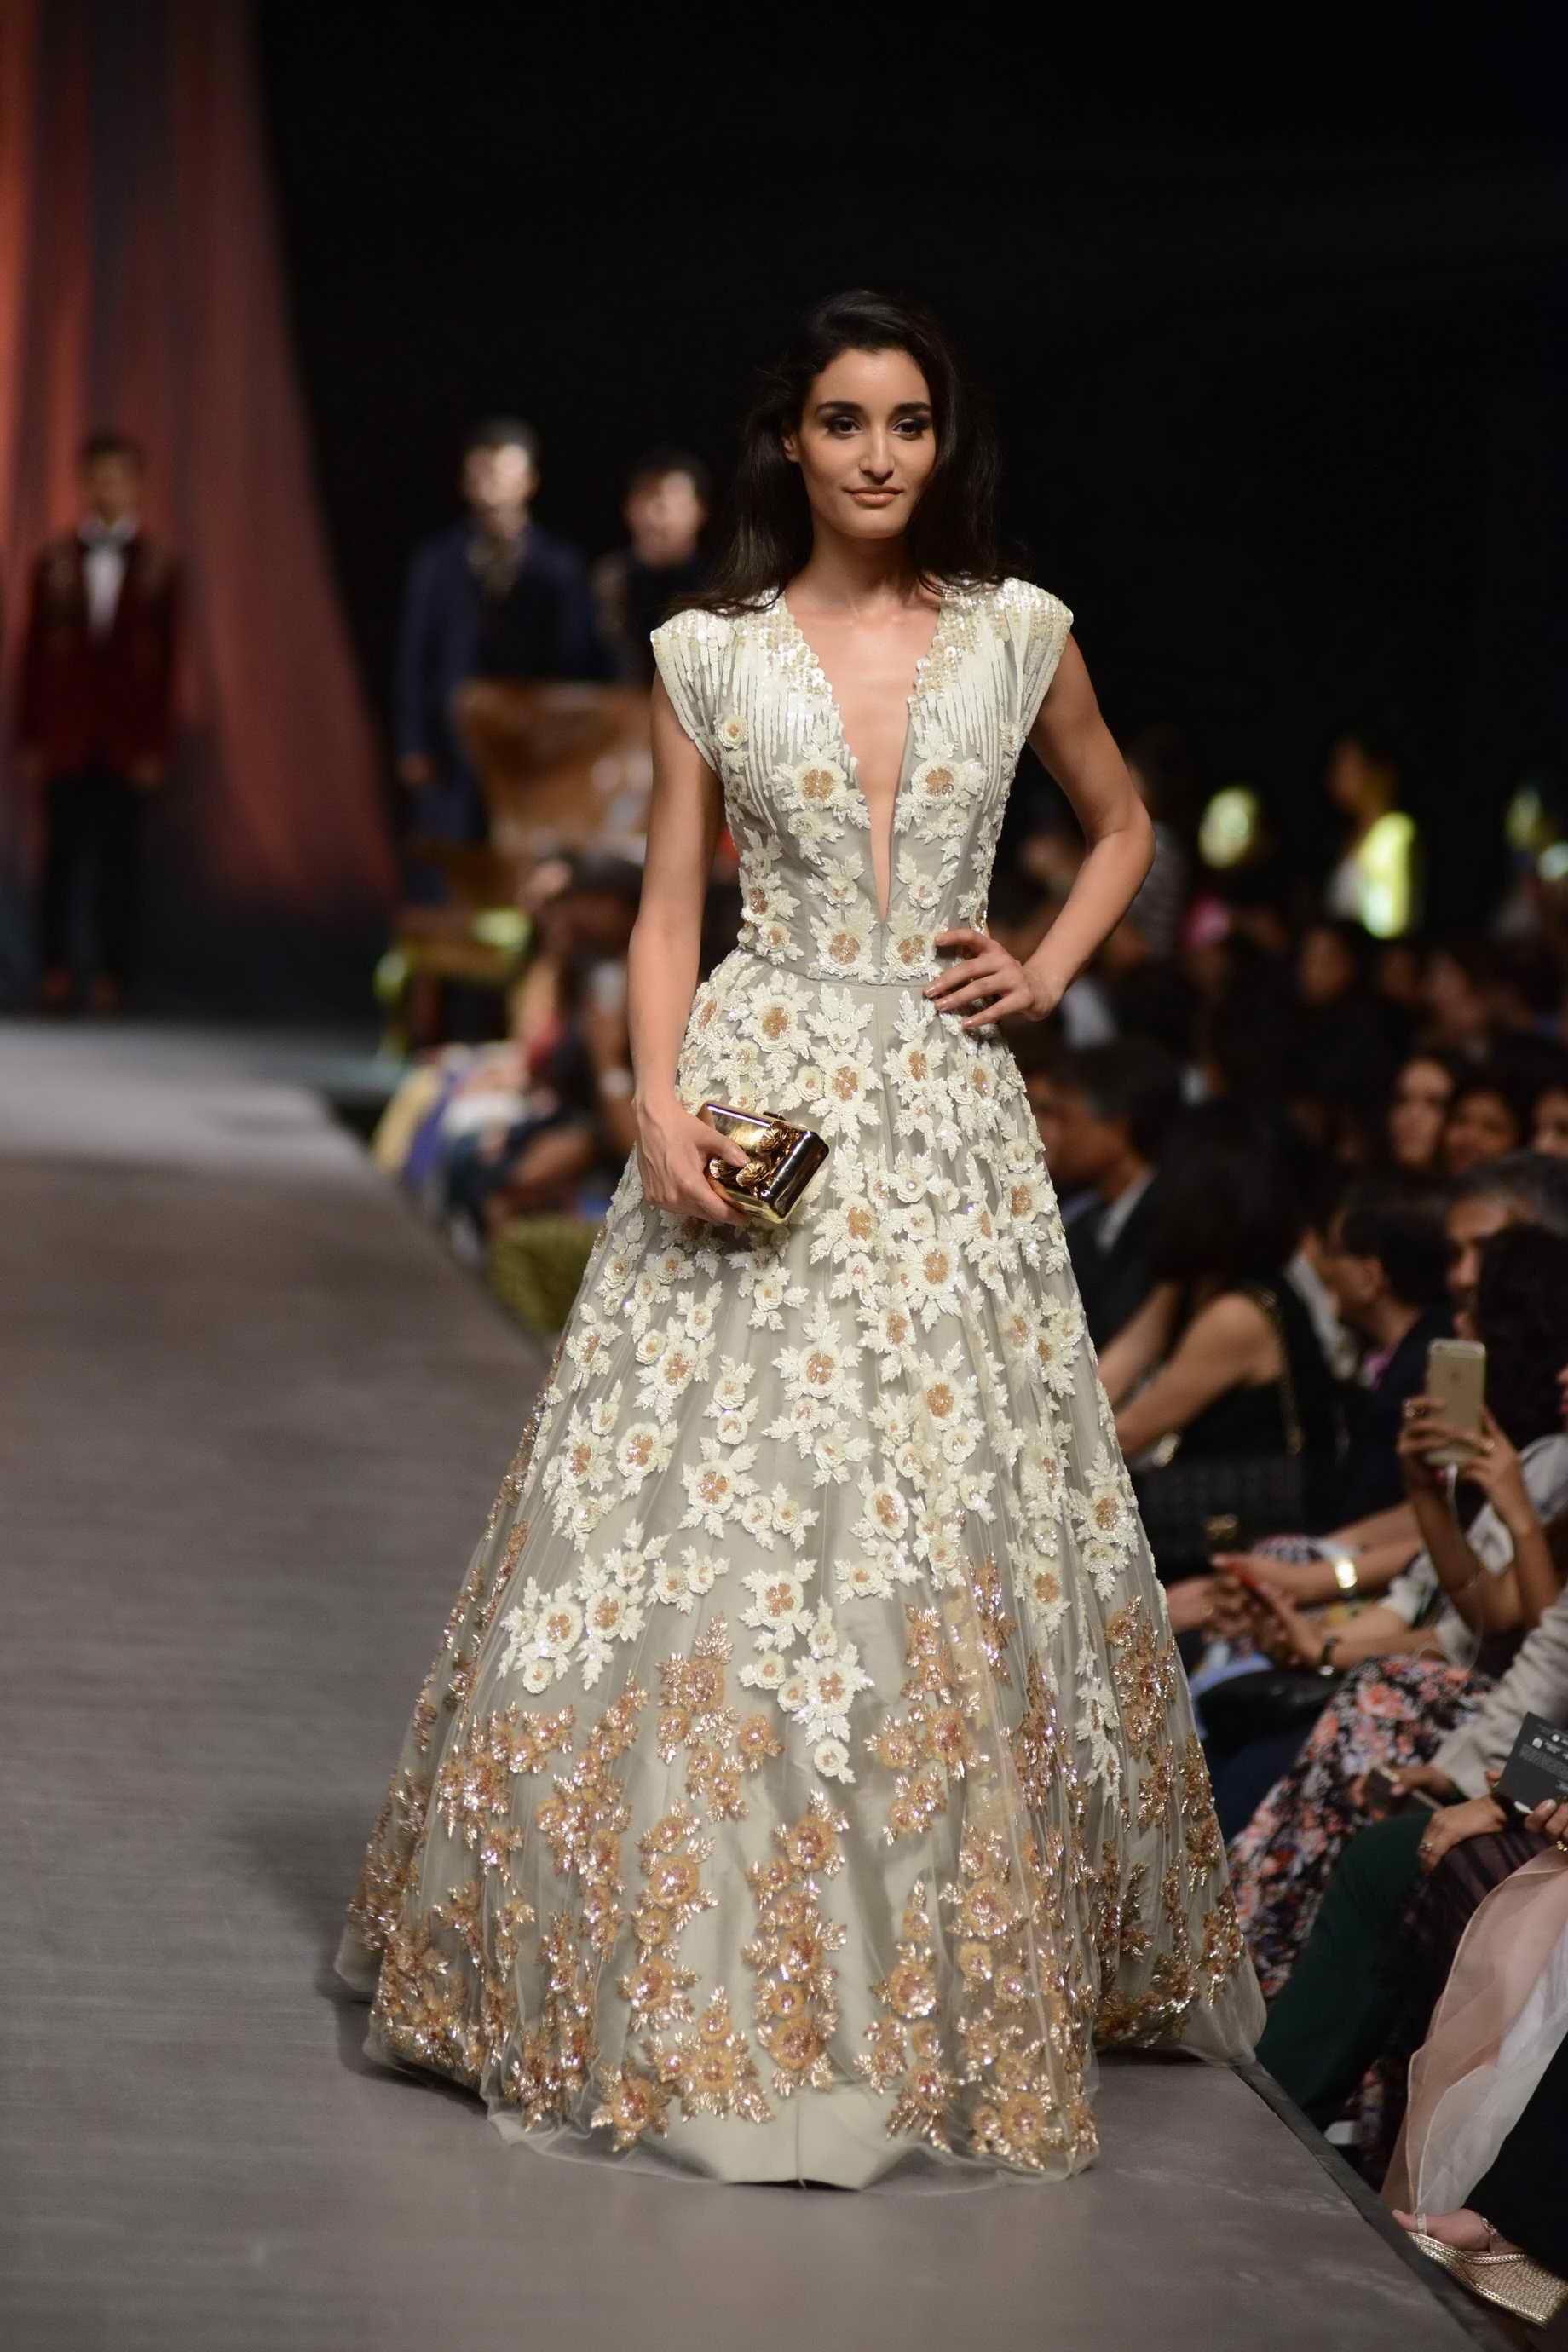 Manish Malhotra At Lfw Wf 2015 Designer Bridal Lehenga Bridal Lehenga Collection Indian Gowns